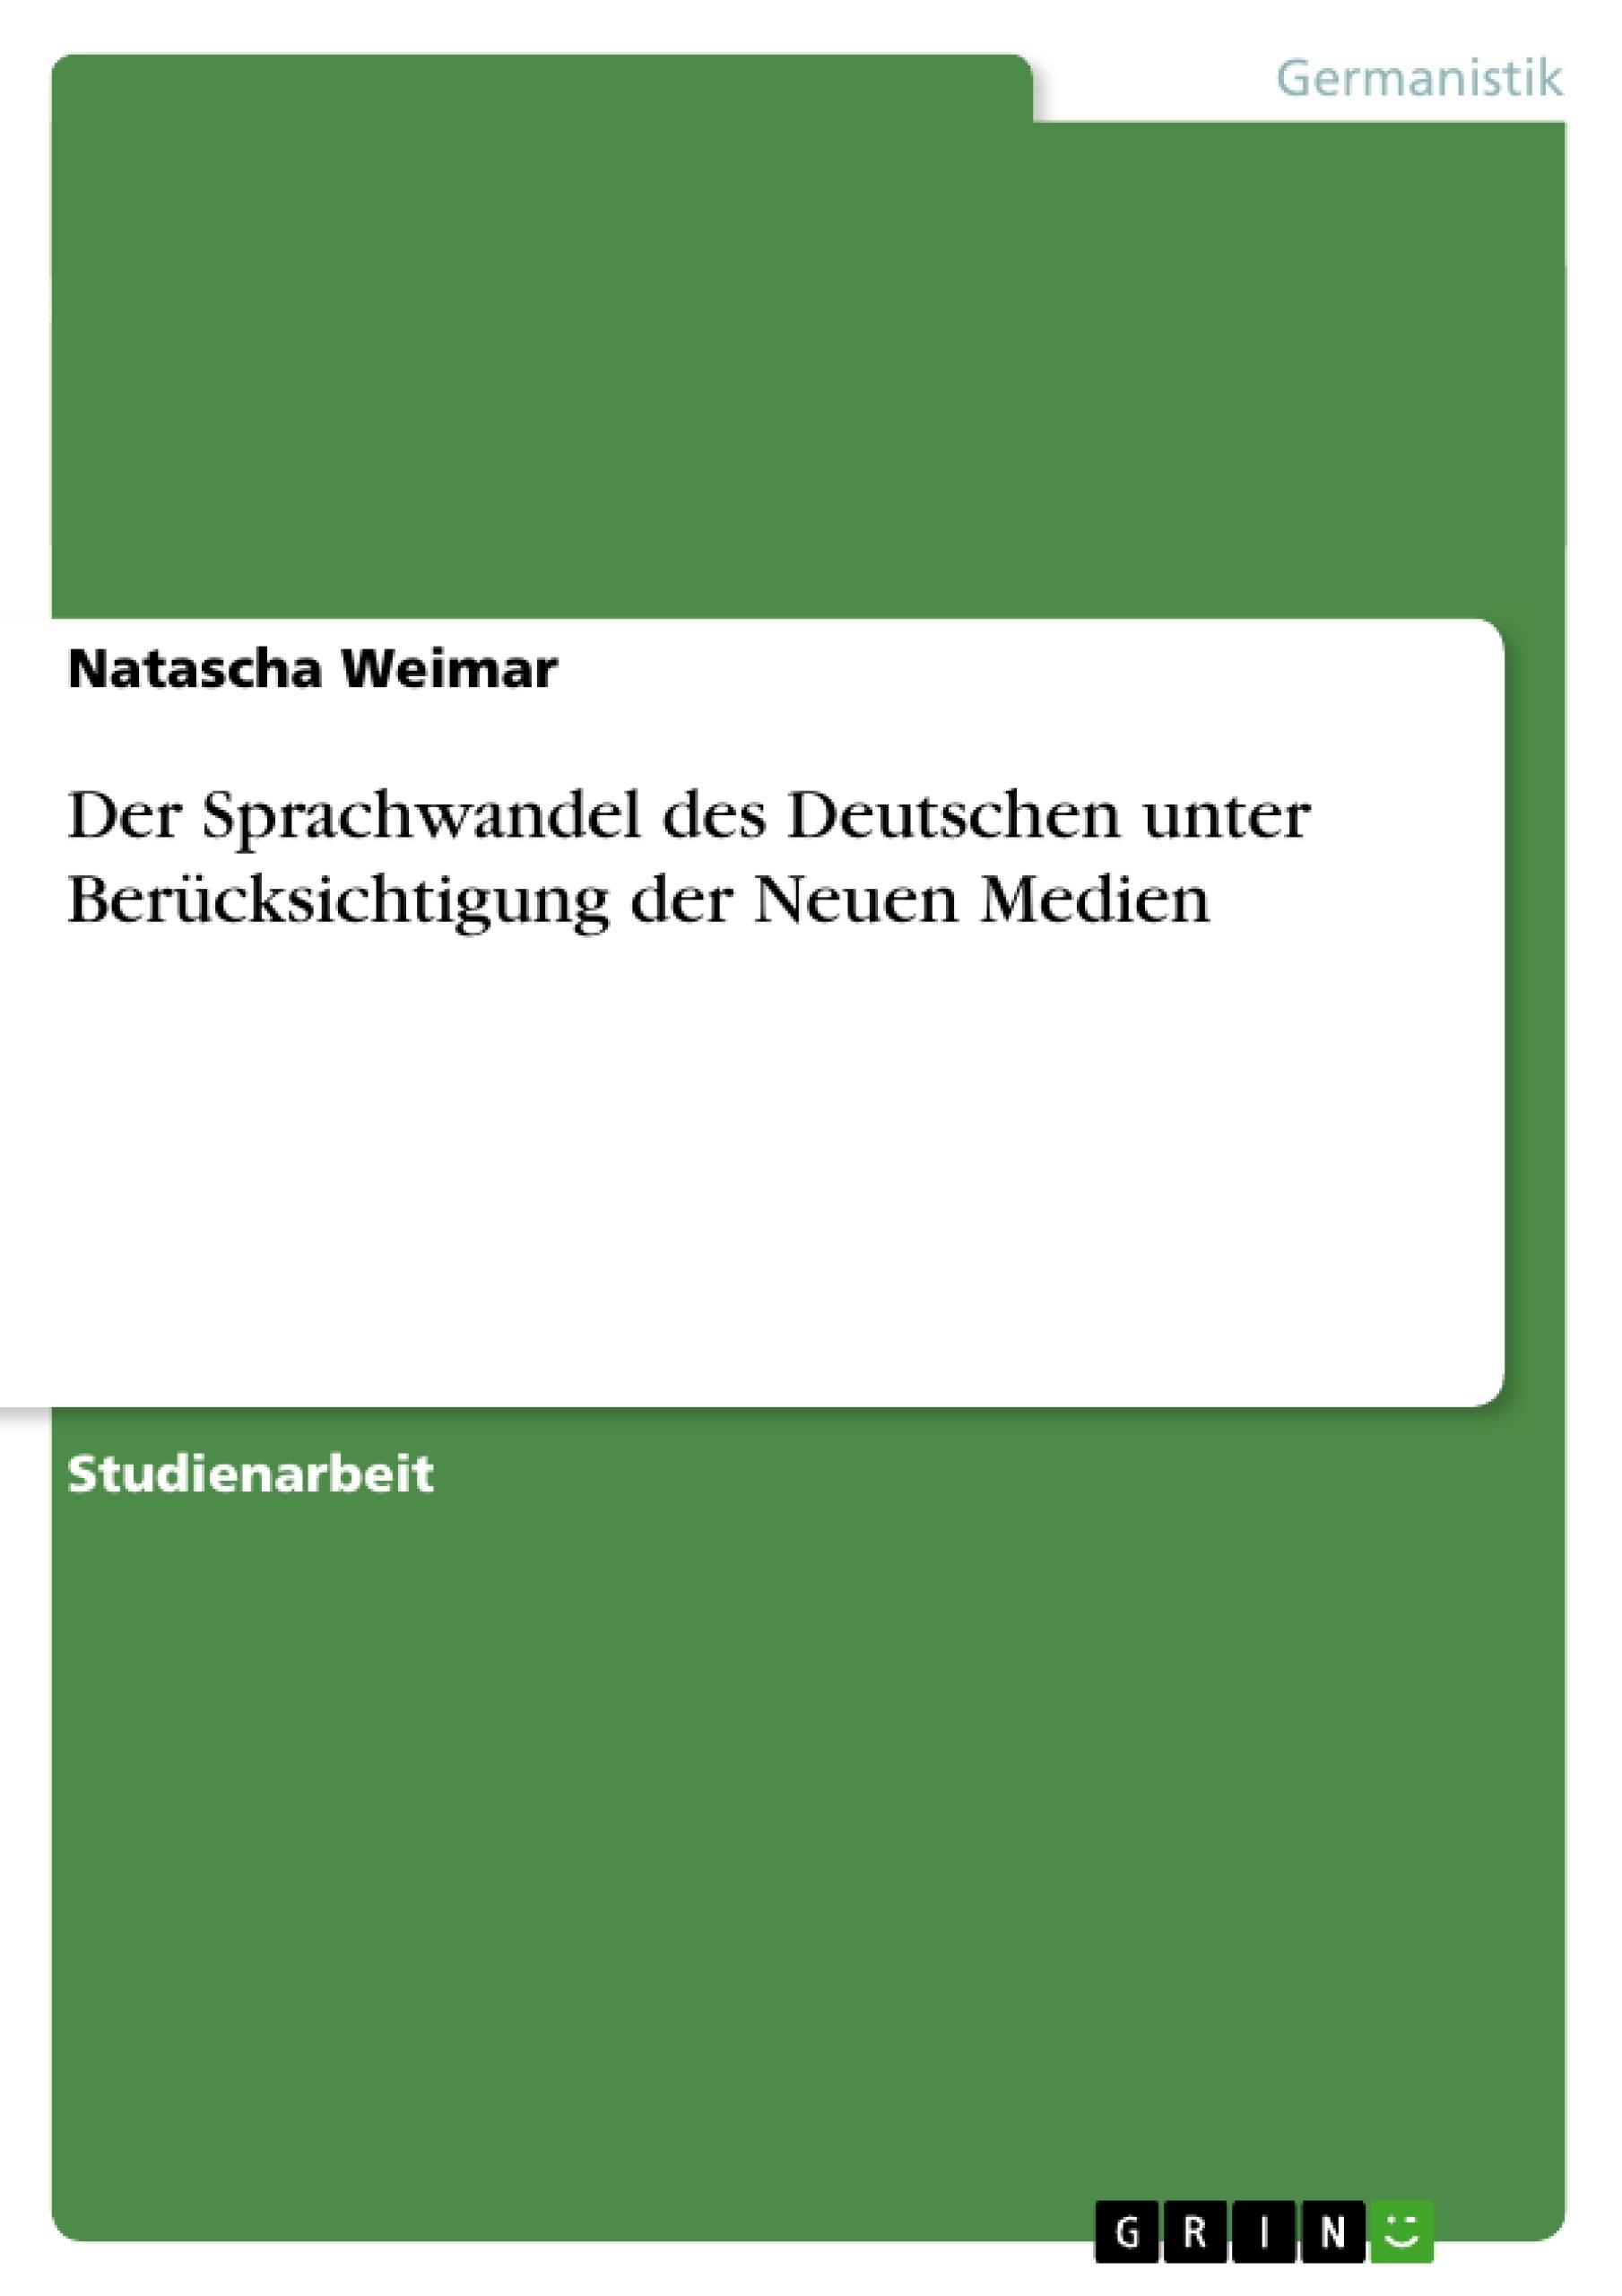 Titel: Der Sprachwandel des Deutschen unter Berücksichtigung der Neuen Medien